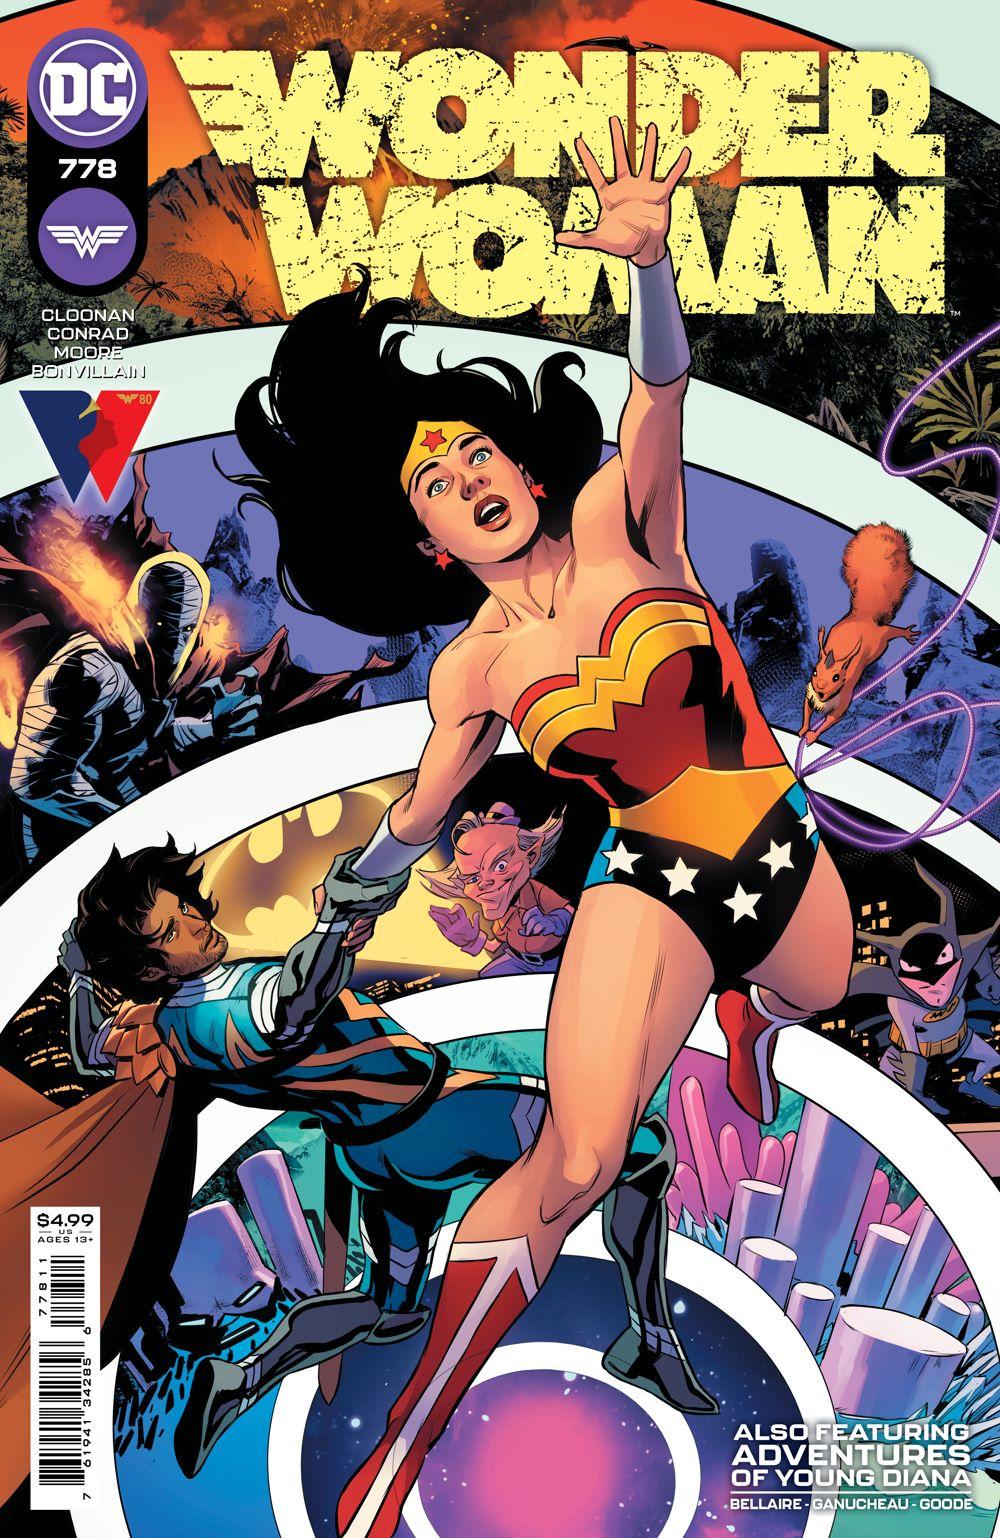 WW_Cv778 DC Comics August 2021 Solicitations